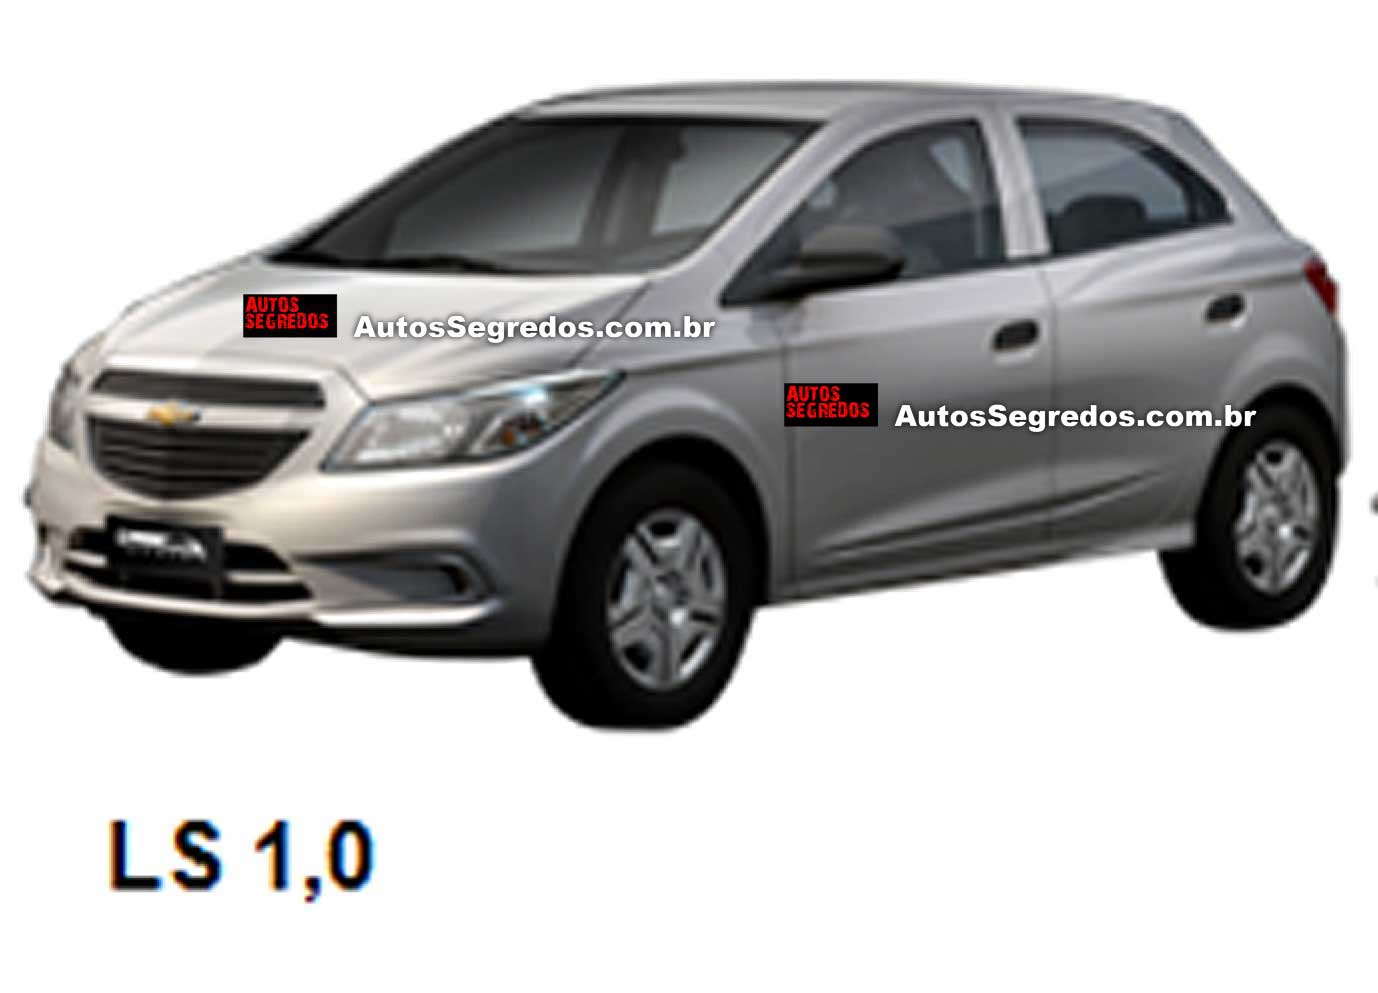 fb3f53629d1 Abaixo a Projeção feita por João Kleber Amaral para a Revista Car and  Driver Brasil